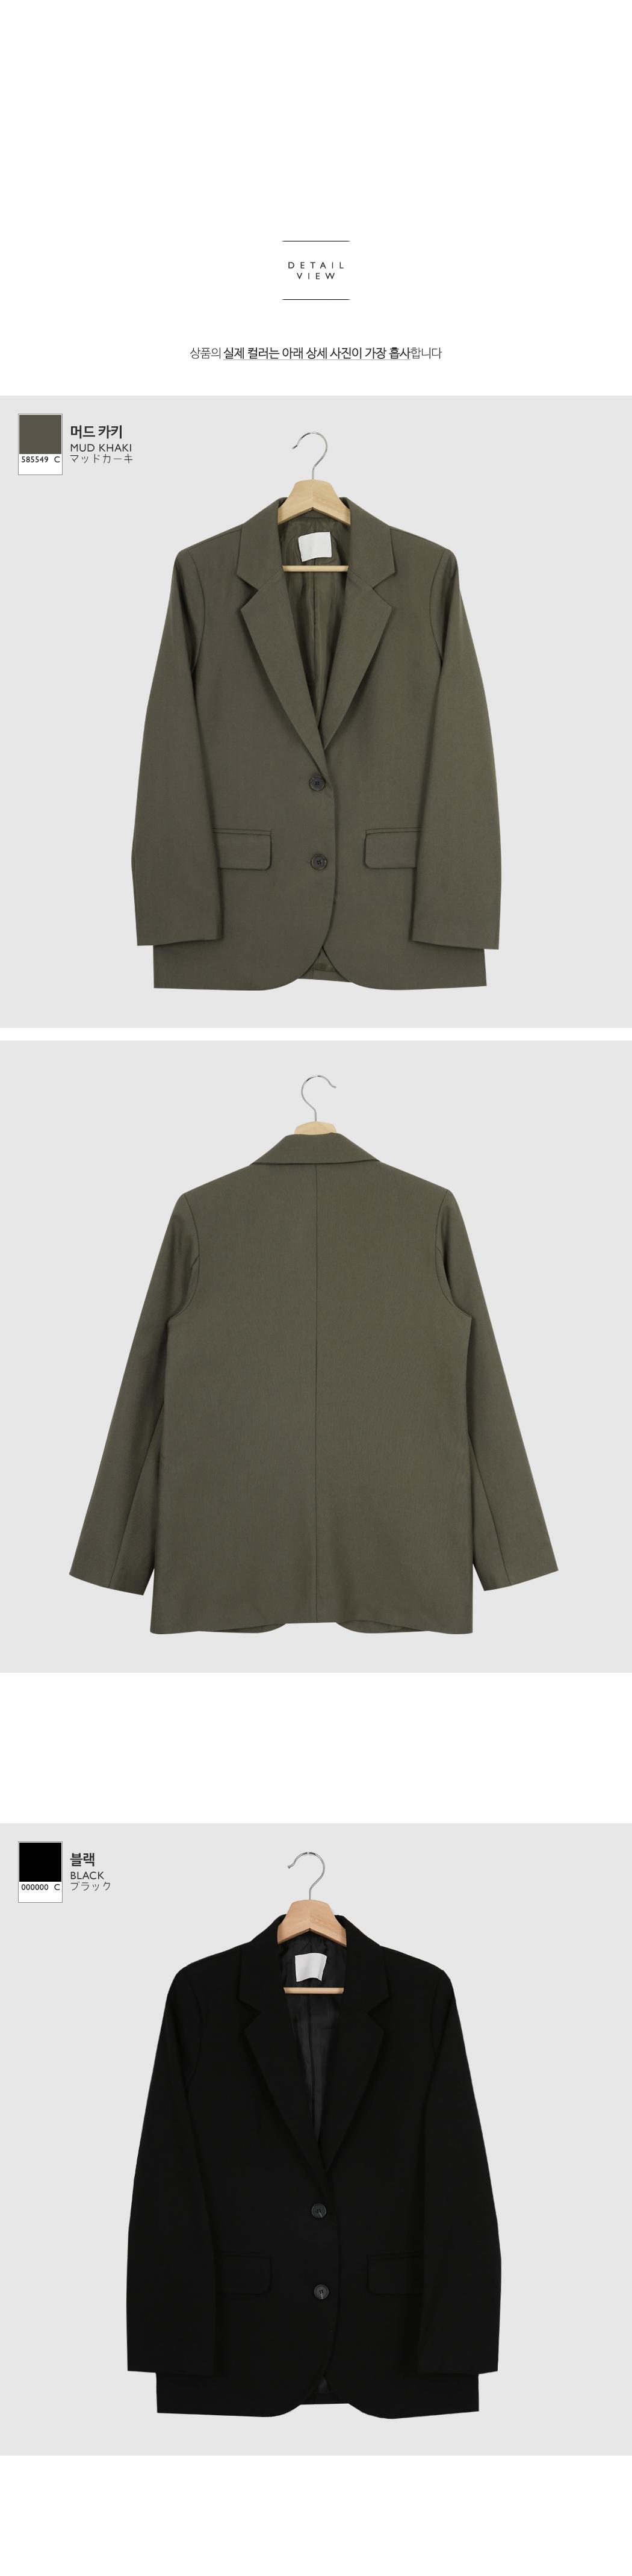 Mud Khaki Single Jacket